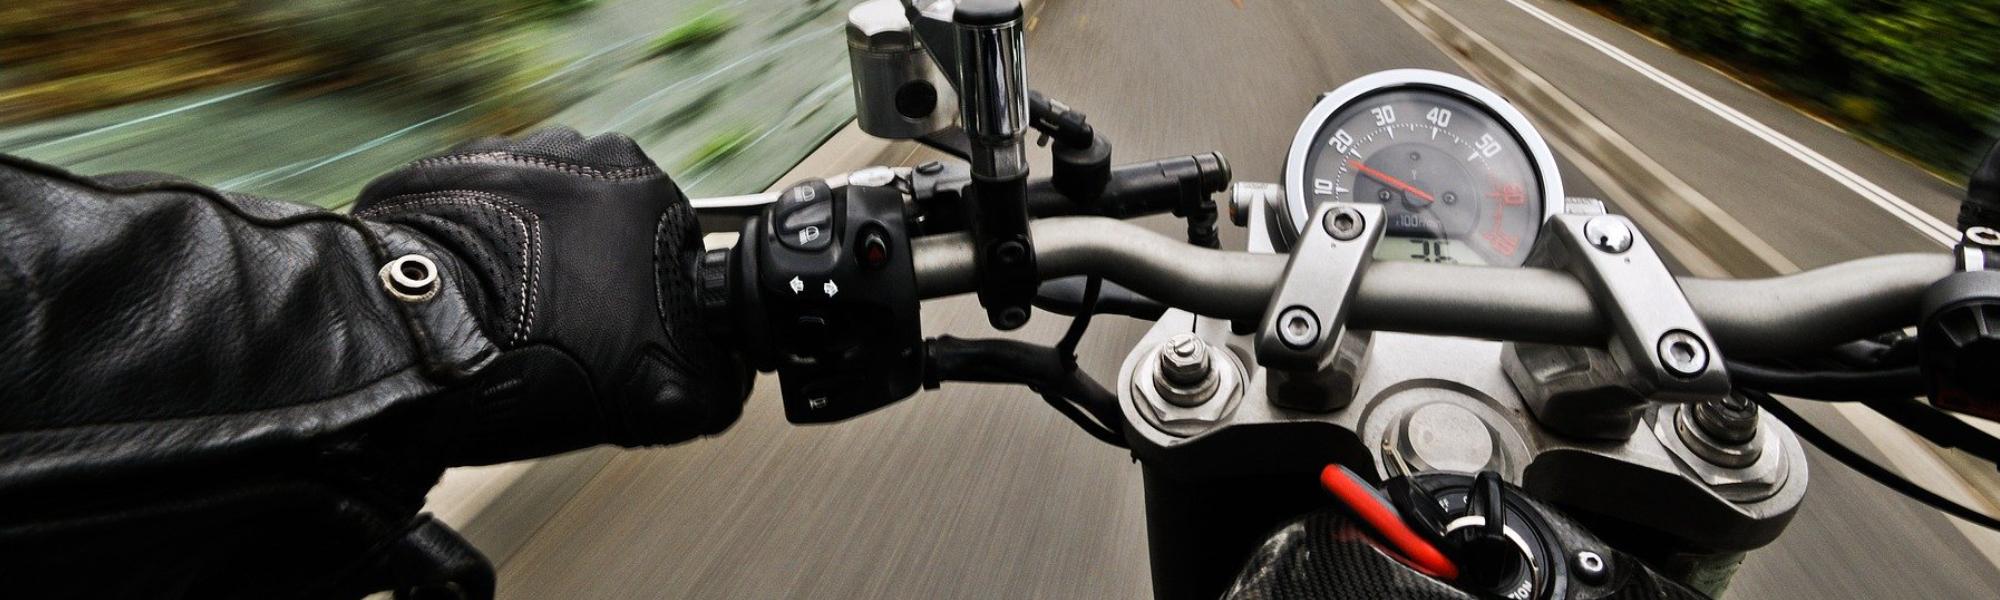 Fahrverbote Motorräder